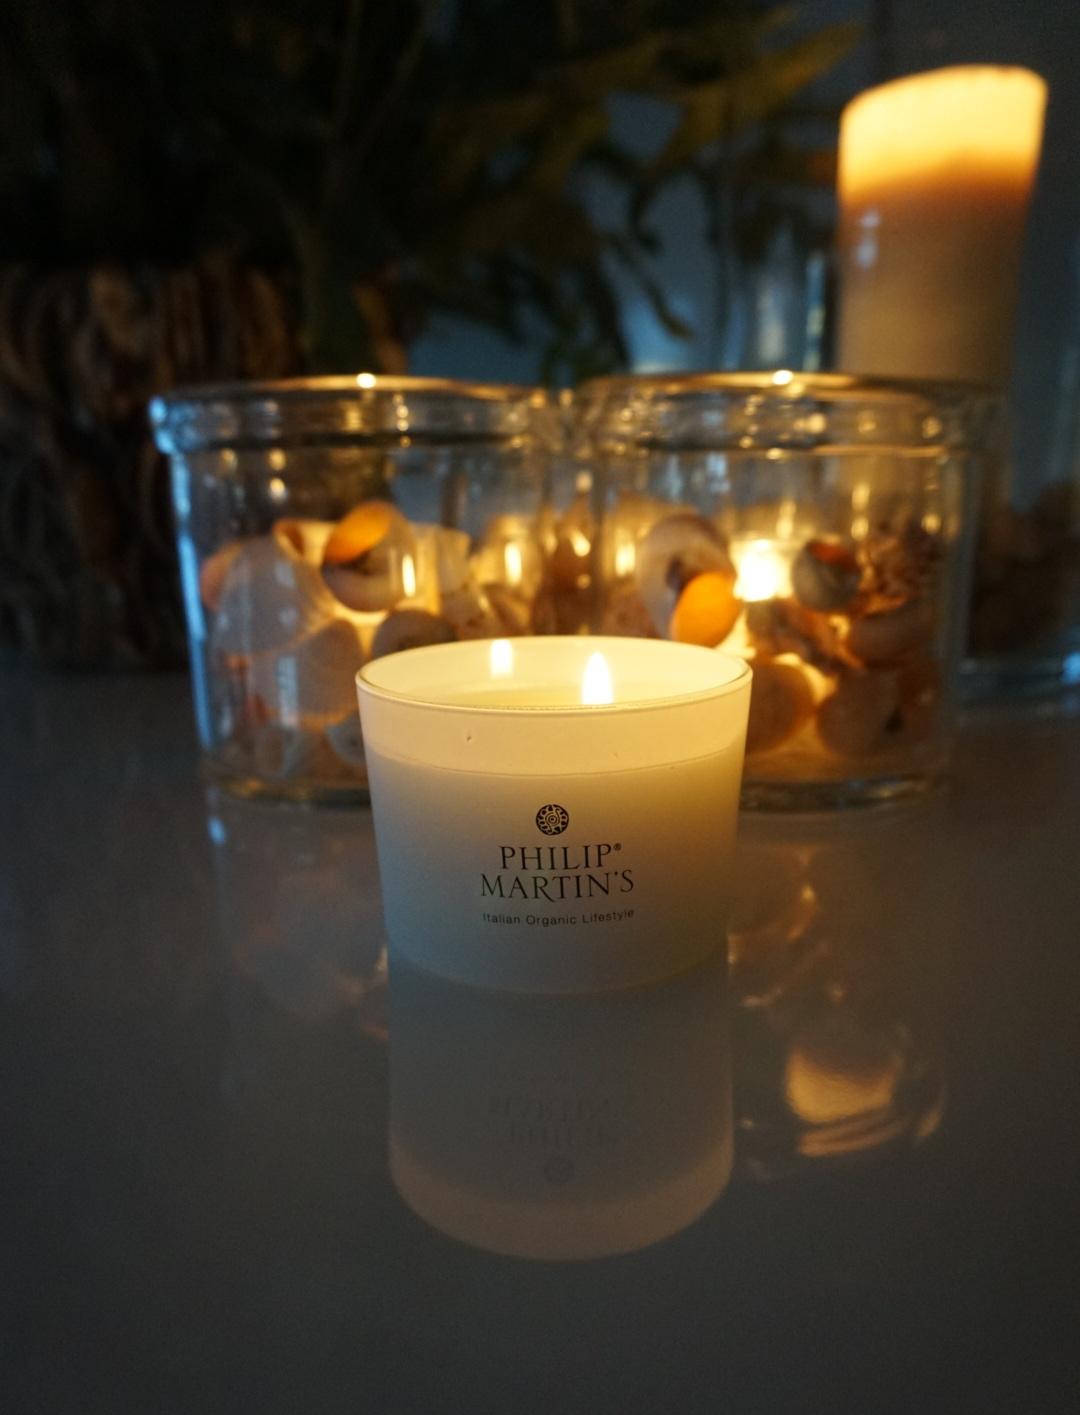 I tillegg til å dufte fantastisk, kan dette lyset brukes som en fuktighetsgivende krem eller varm massasje olje !